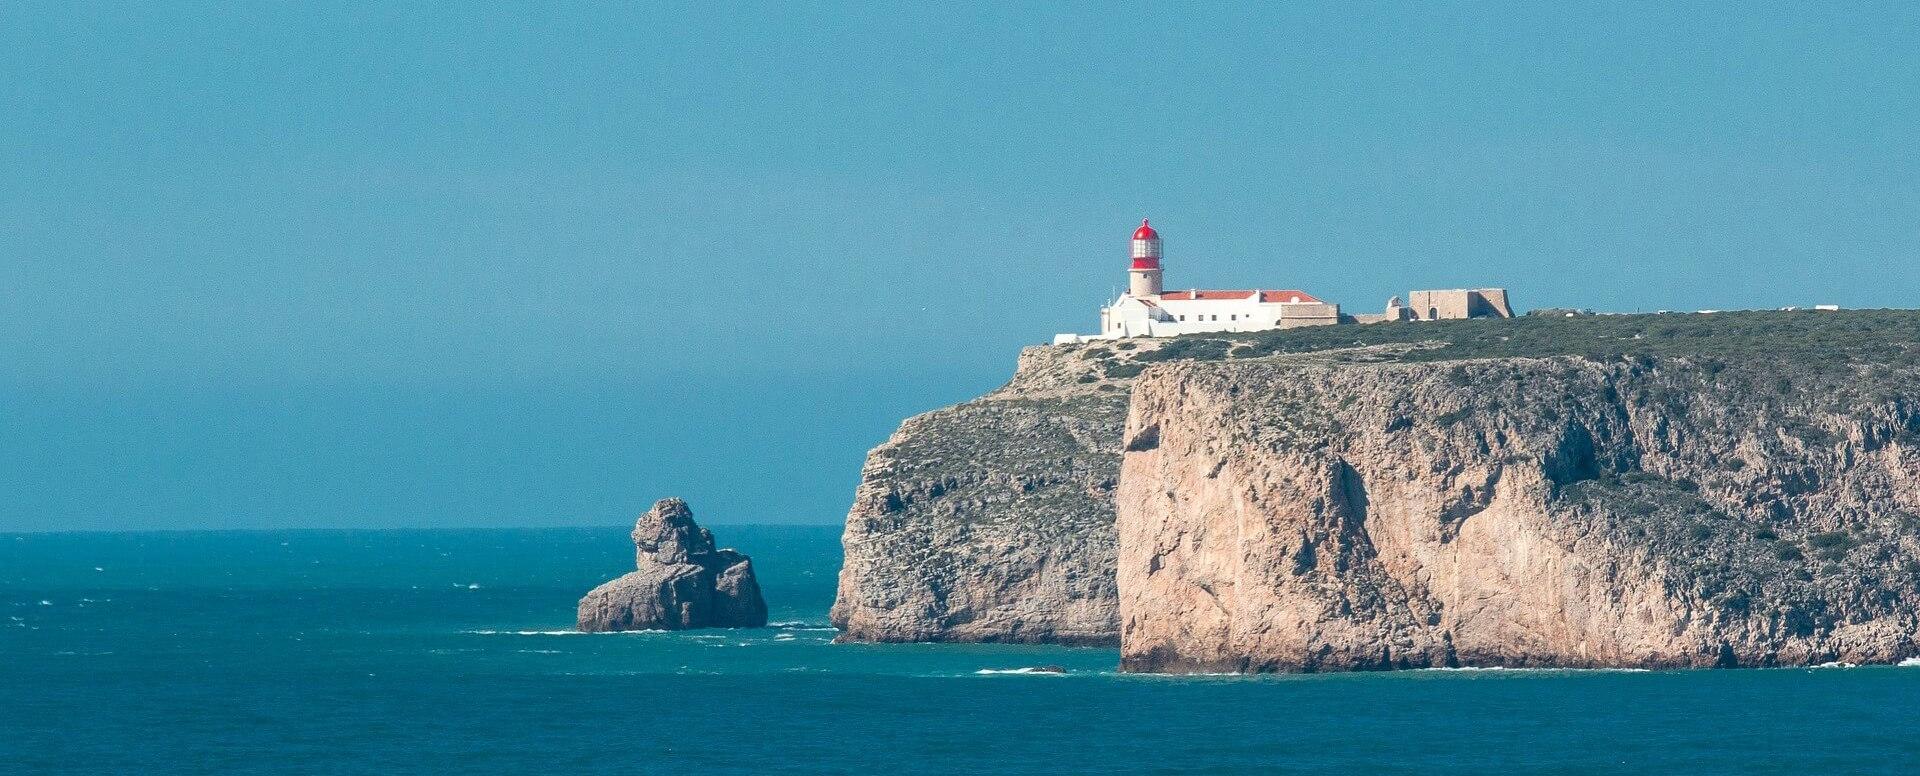 Le Cap Saint-Vincent - Portugal